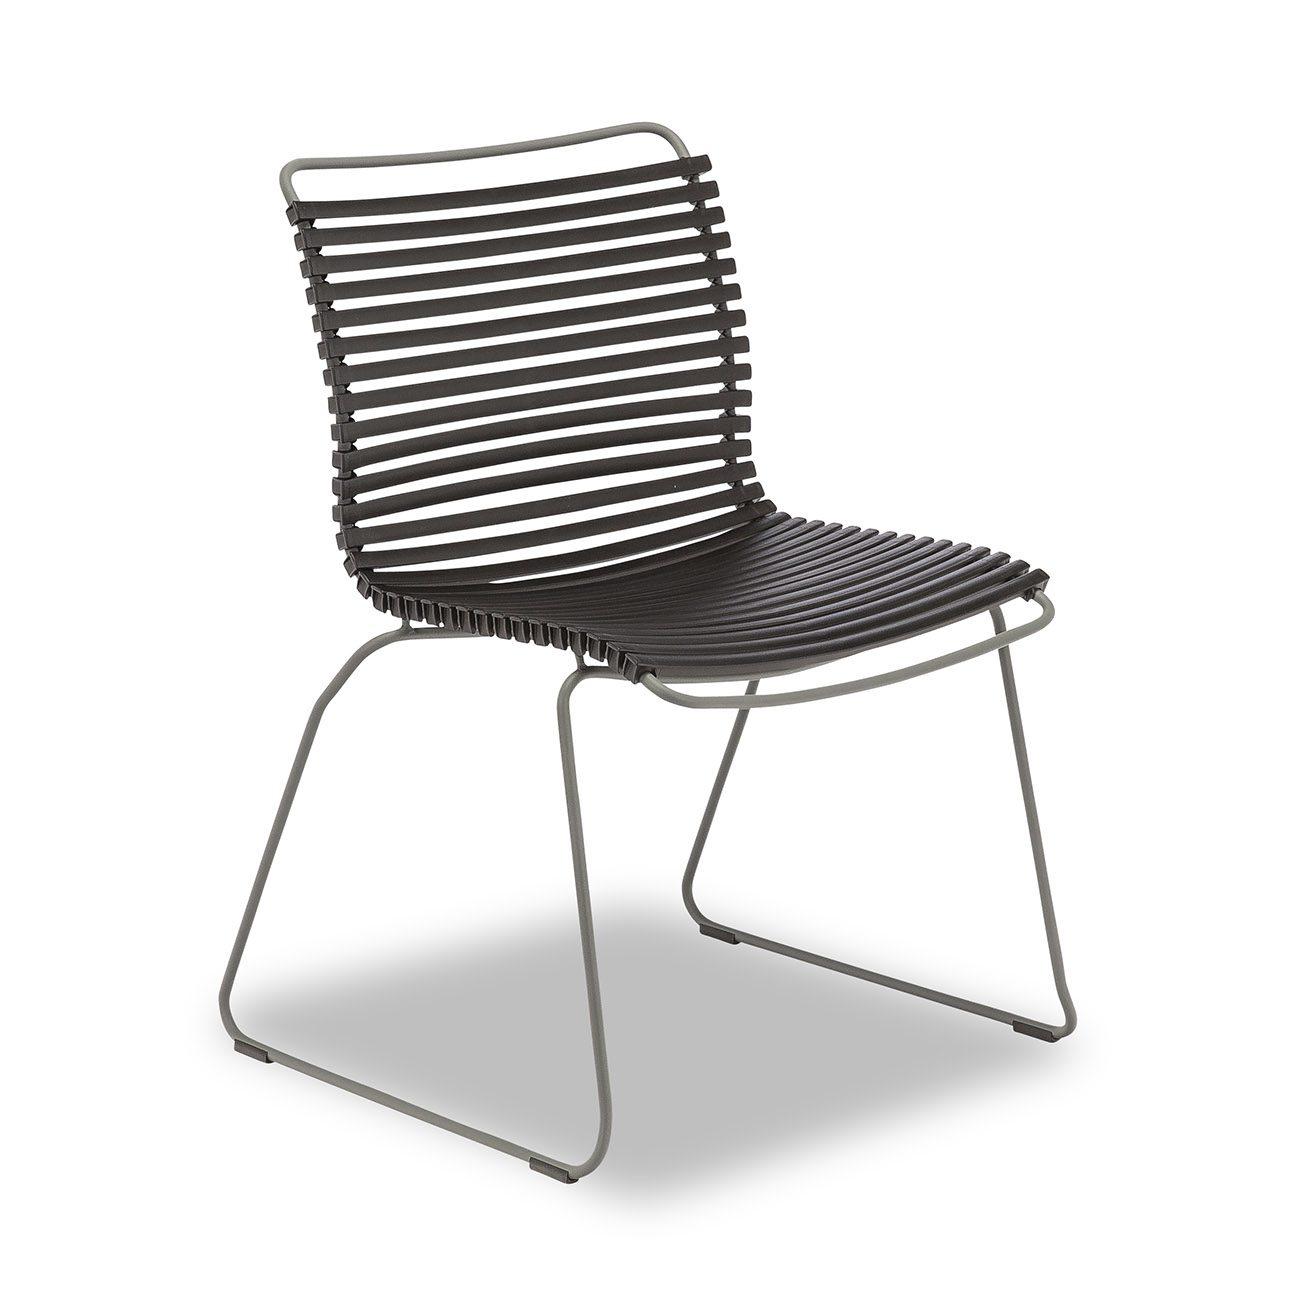 Från Houe kommer denna matstol i svart.